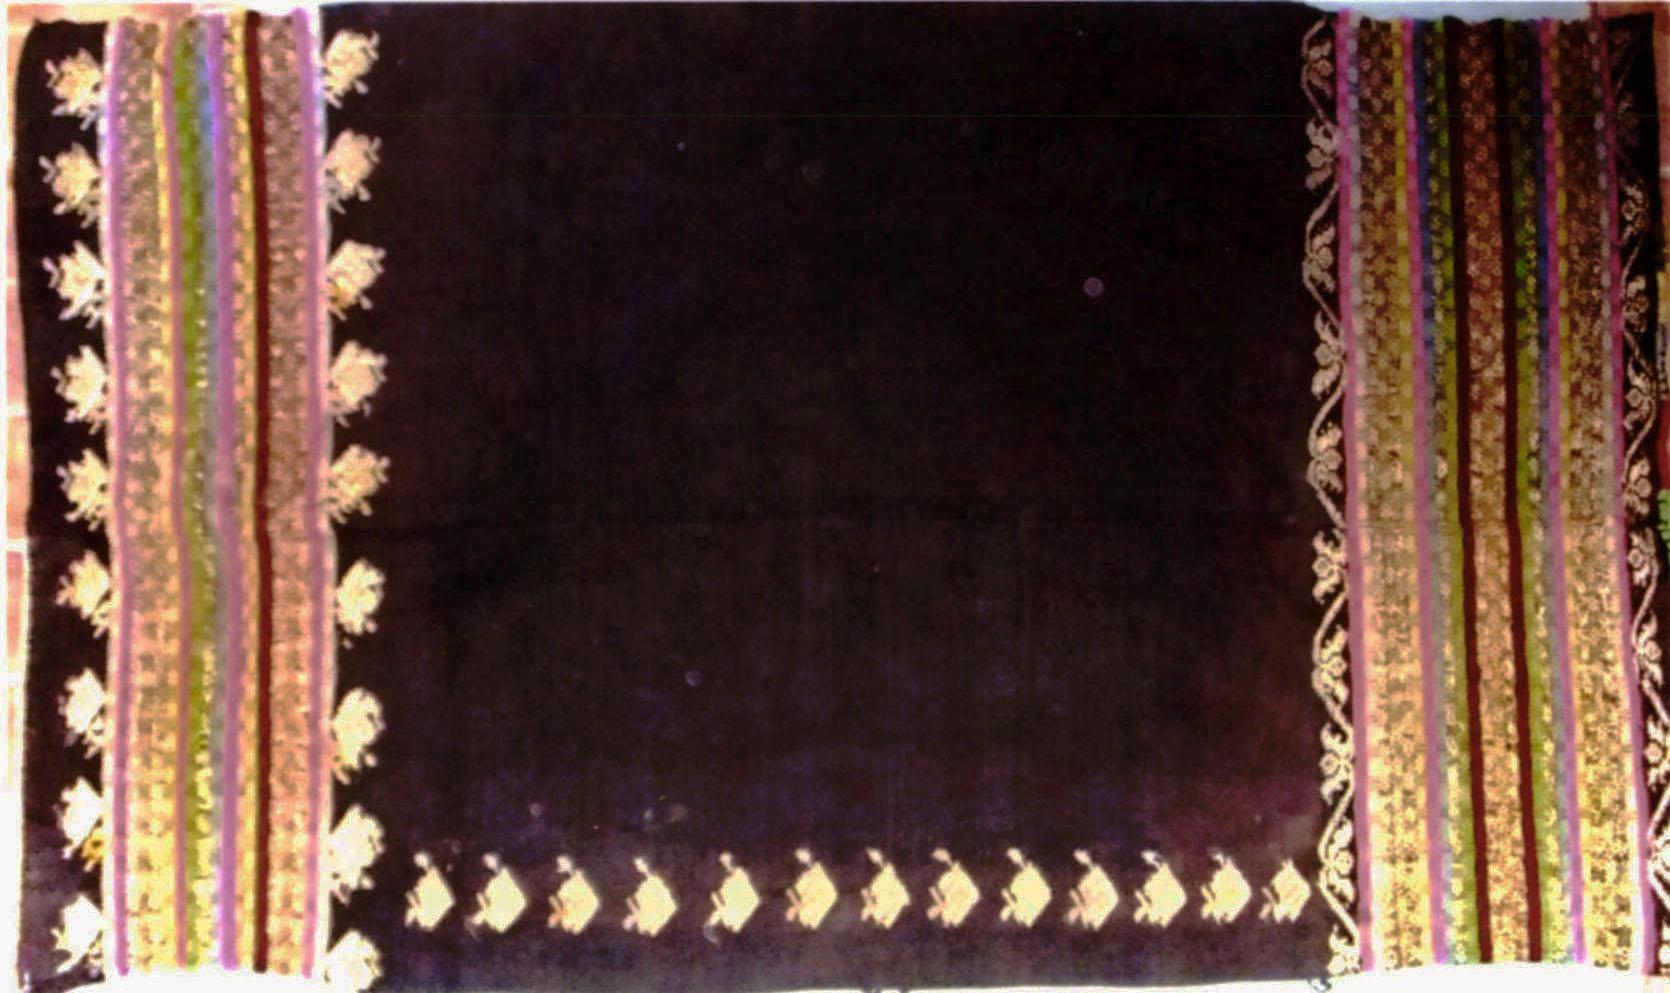 FotăFotă cu fir - Muzeul Viticulturii şi Pomiculturii - GOLEŞTI (Patrimoniul Cultural National Mobil din Romania. Ordin de clasare: 2879/04.09.2019 - Tezaur)